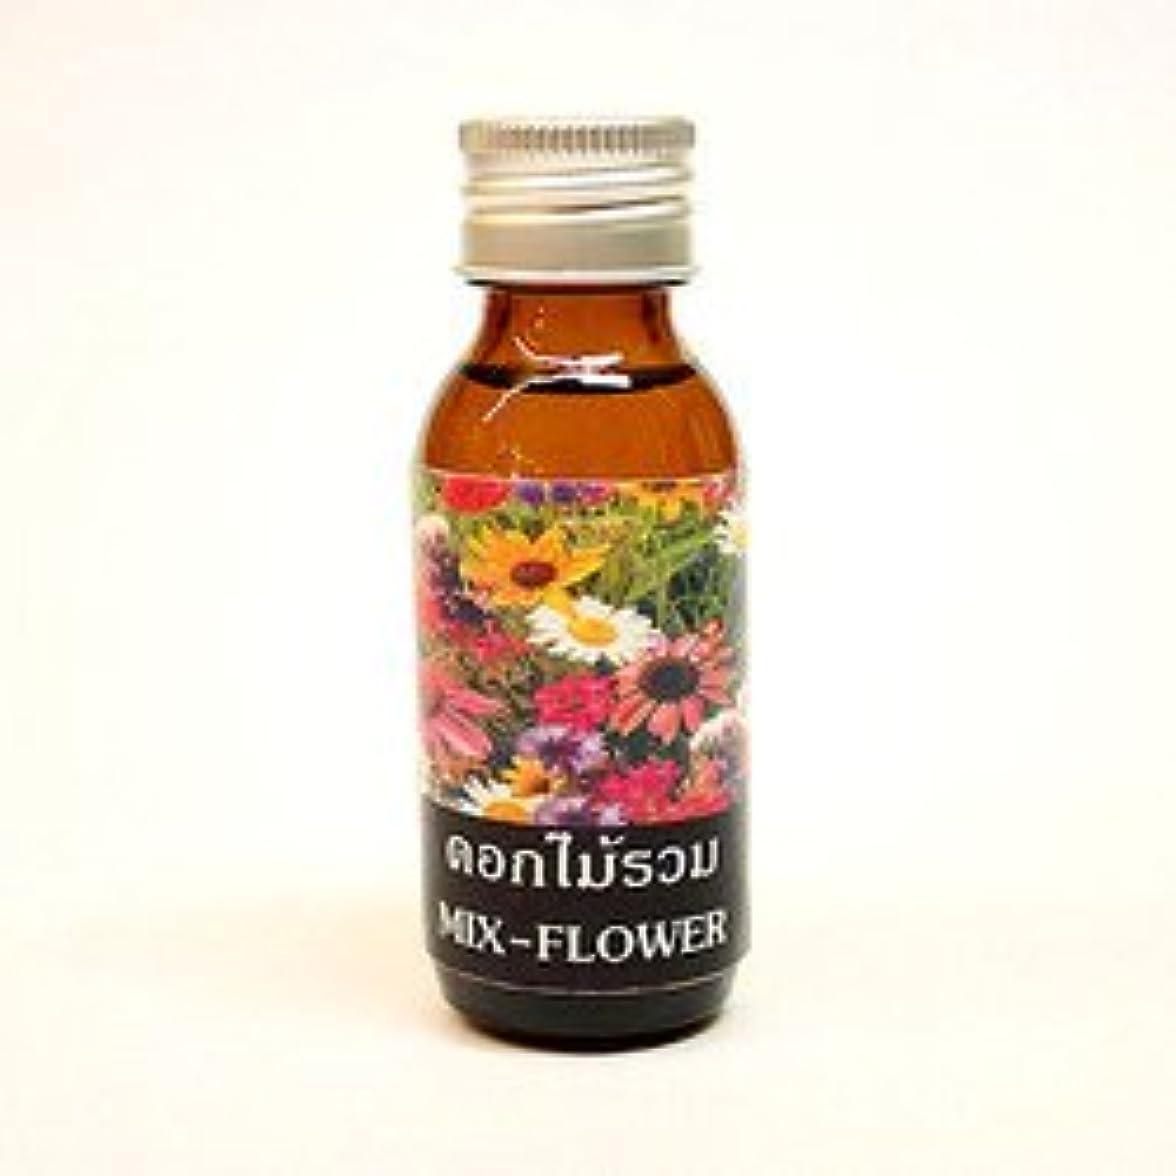 棚積極的にまたはミックスフラワー 〔Mix-Flower〕 アロマテラピーオイル 30ml アジアン雑貨